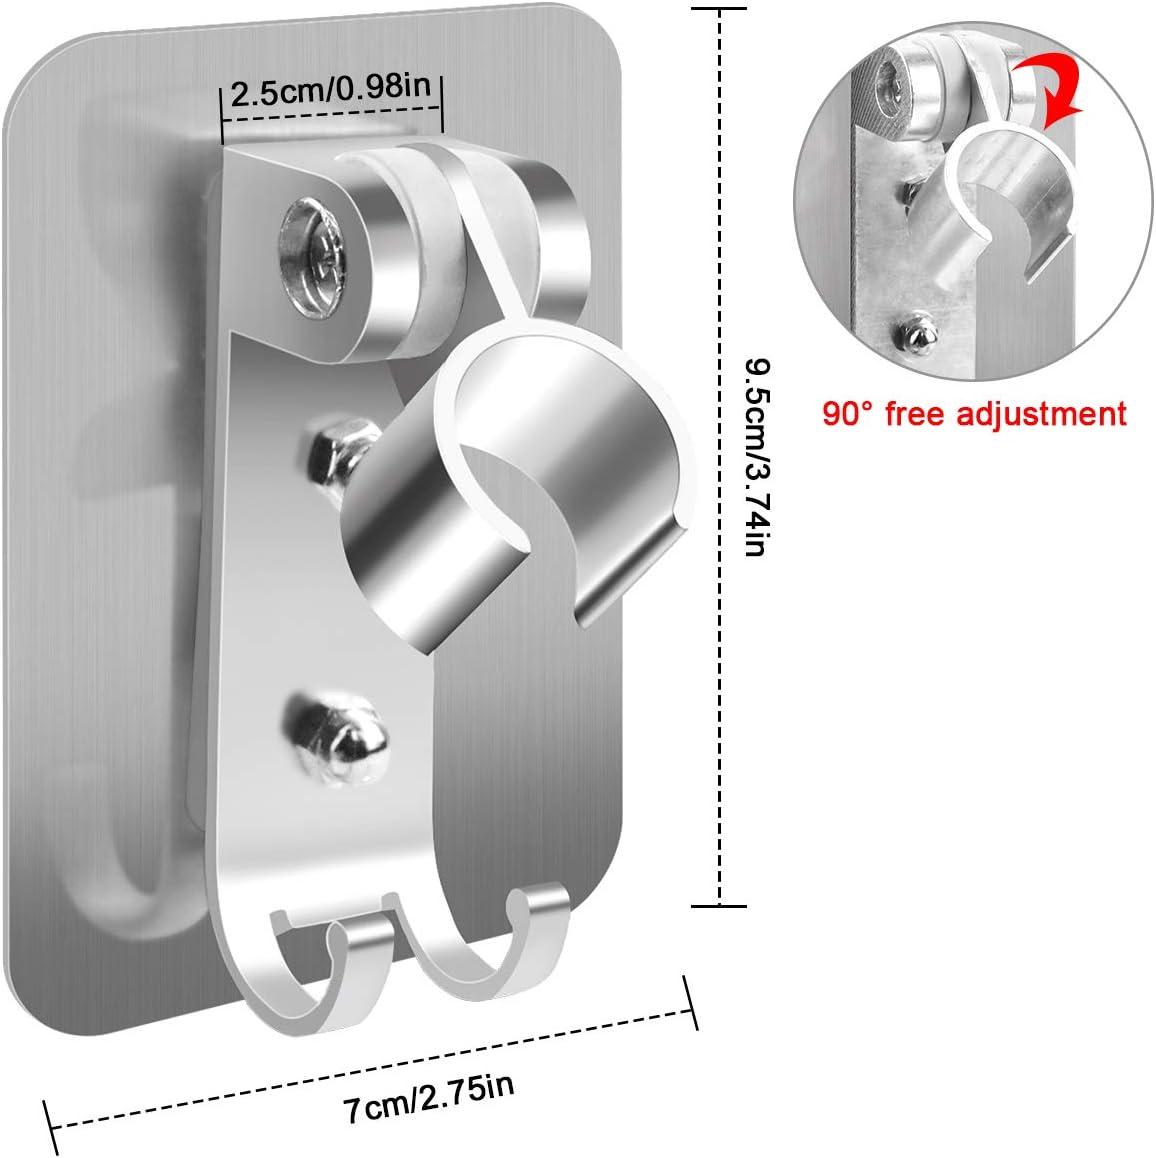 Shower/Head/Holder,/Adhesive/Shower/Bracket/no/Drilling,/Adjustable/Handheld/Shower/Head/Holders,/Nail/Free/Shower/Hose/Holder/Base/with/Hook//&/Ex